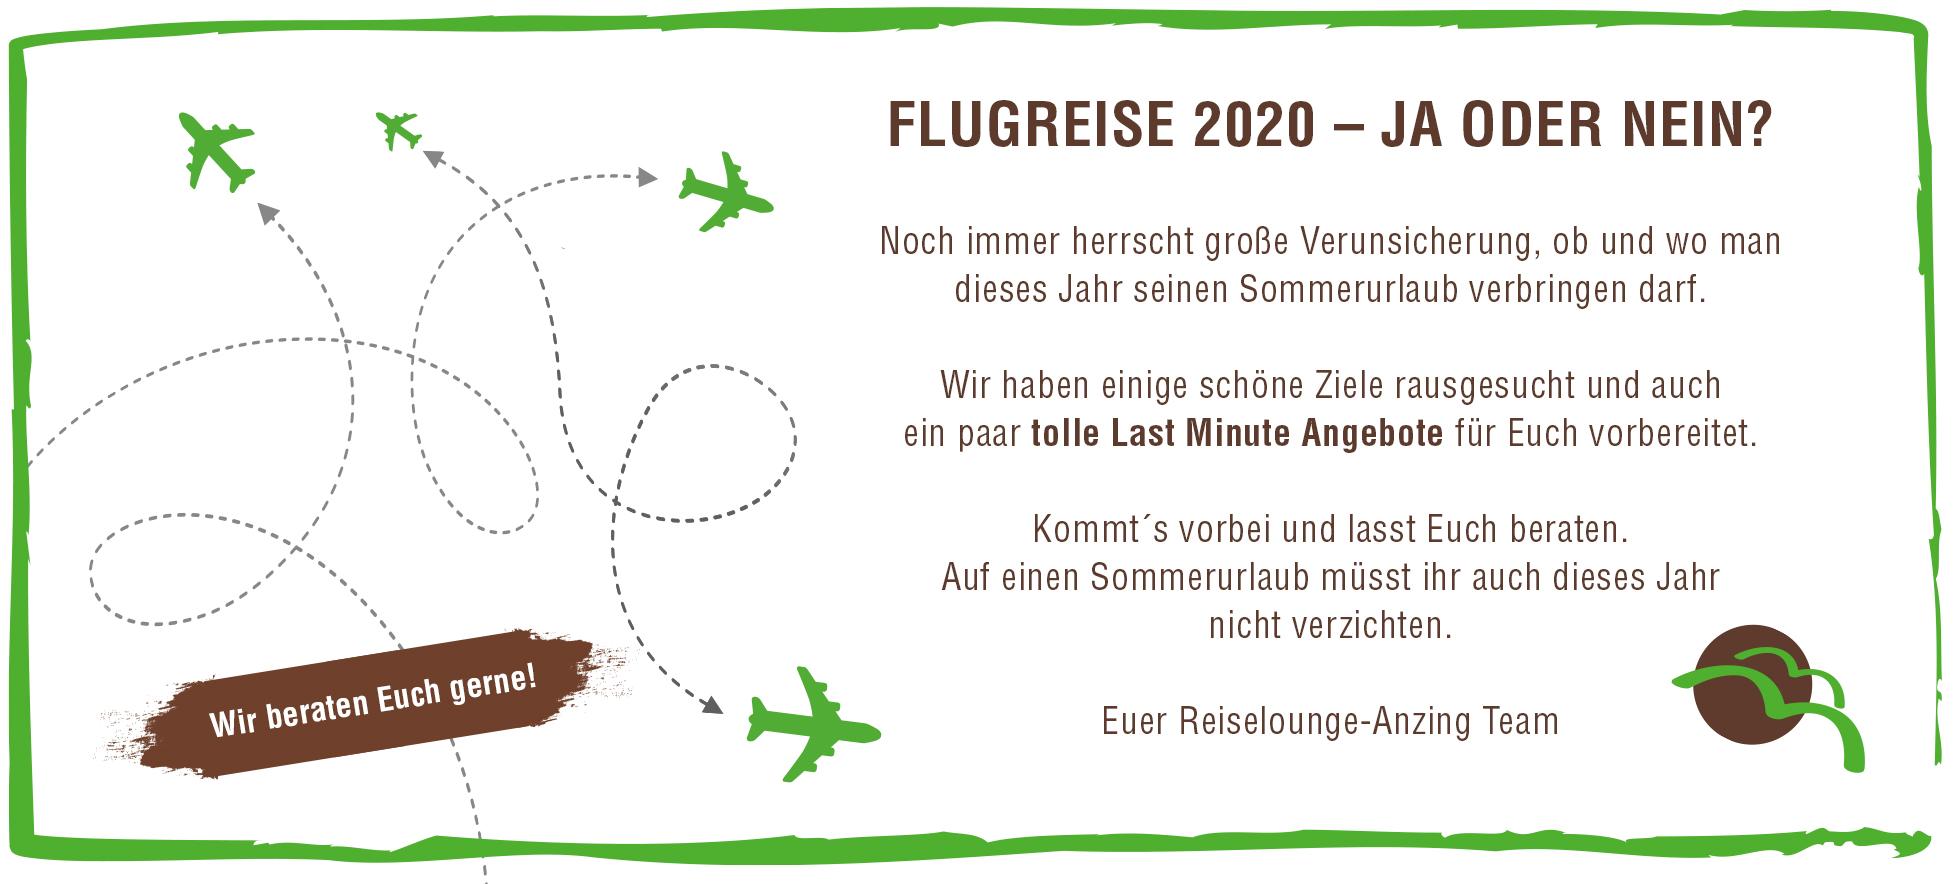 Flugreise 2020 – ja oder nein